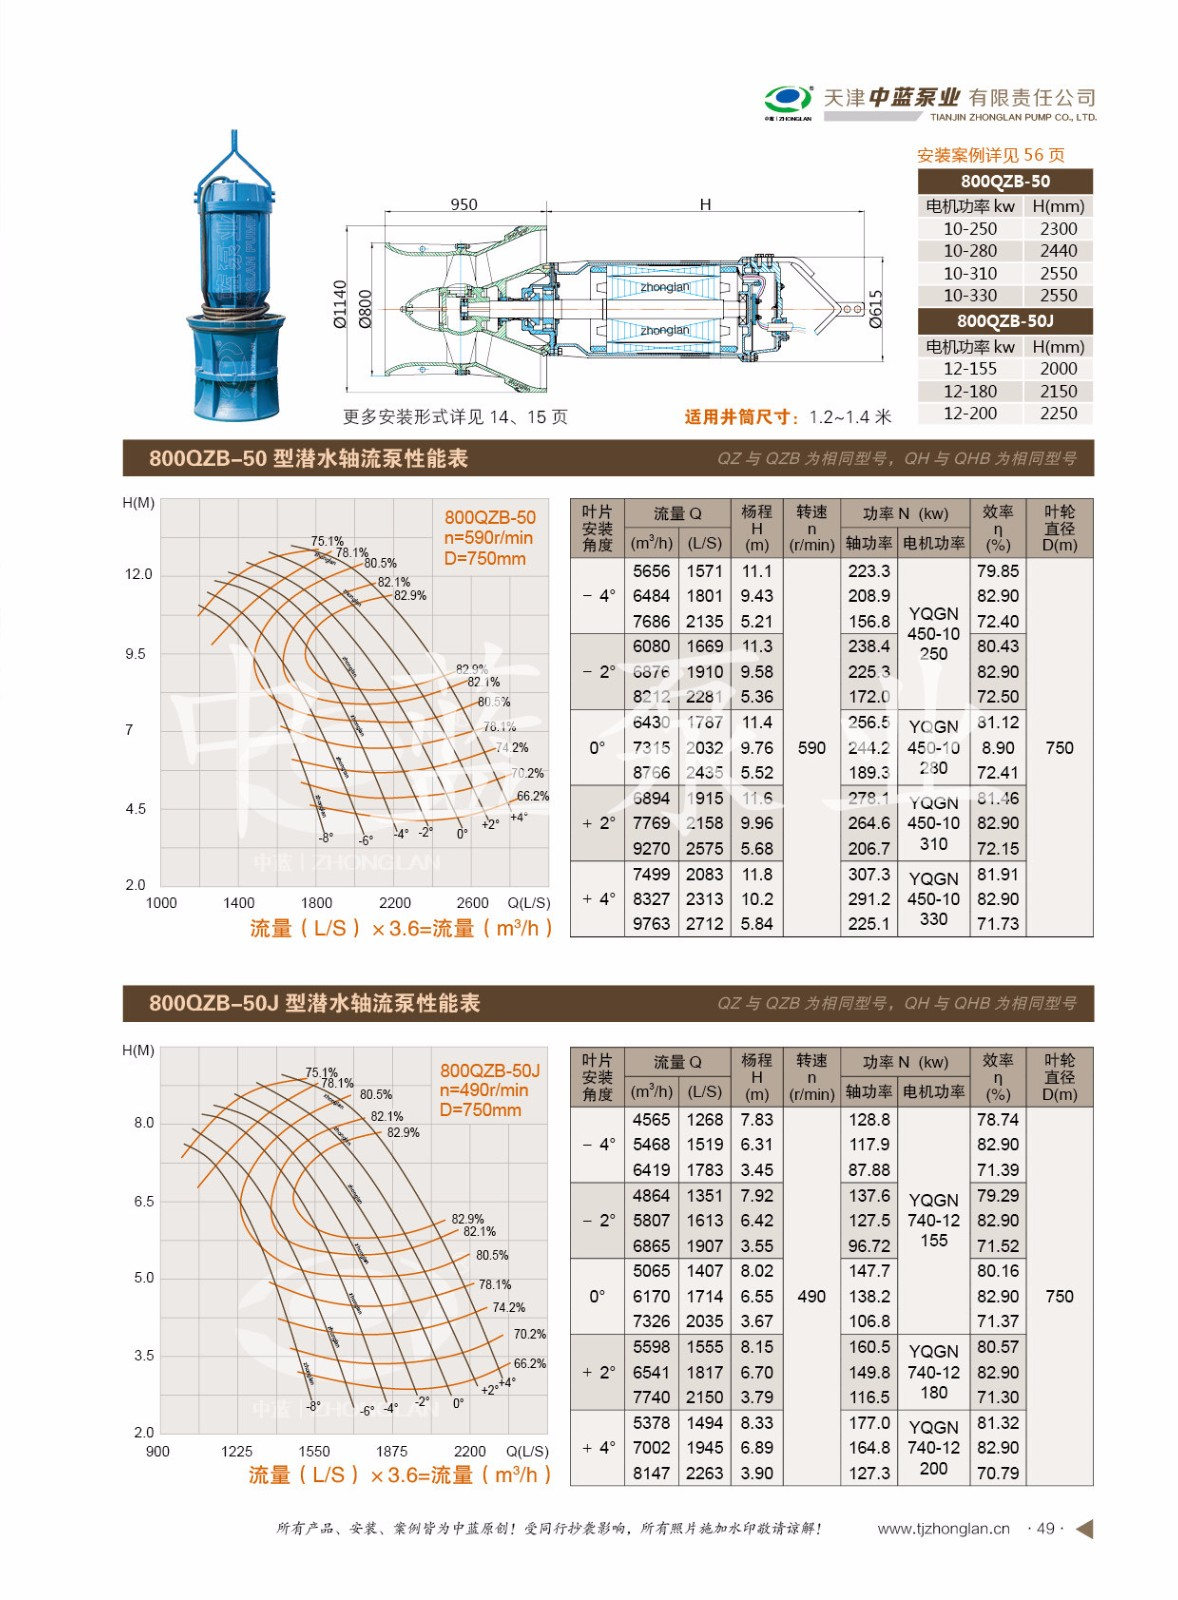 轴流泵选型表|轴流泵选型表-天津中蓝泵业有限责任公司